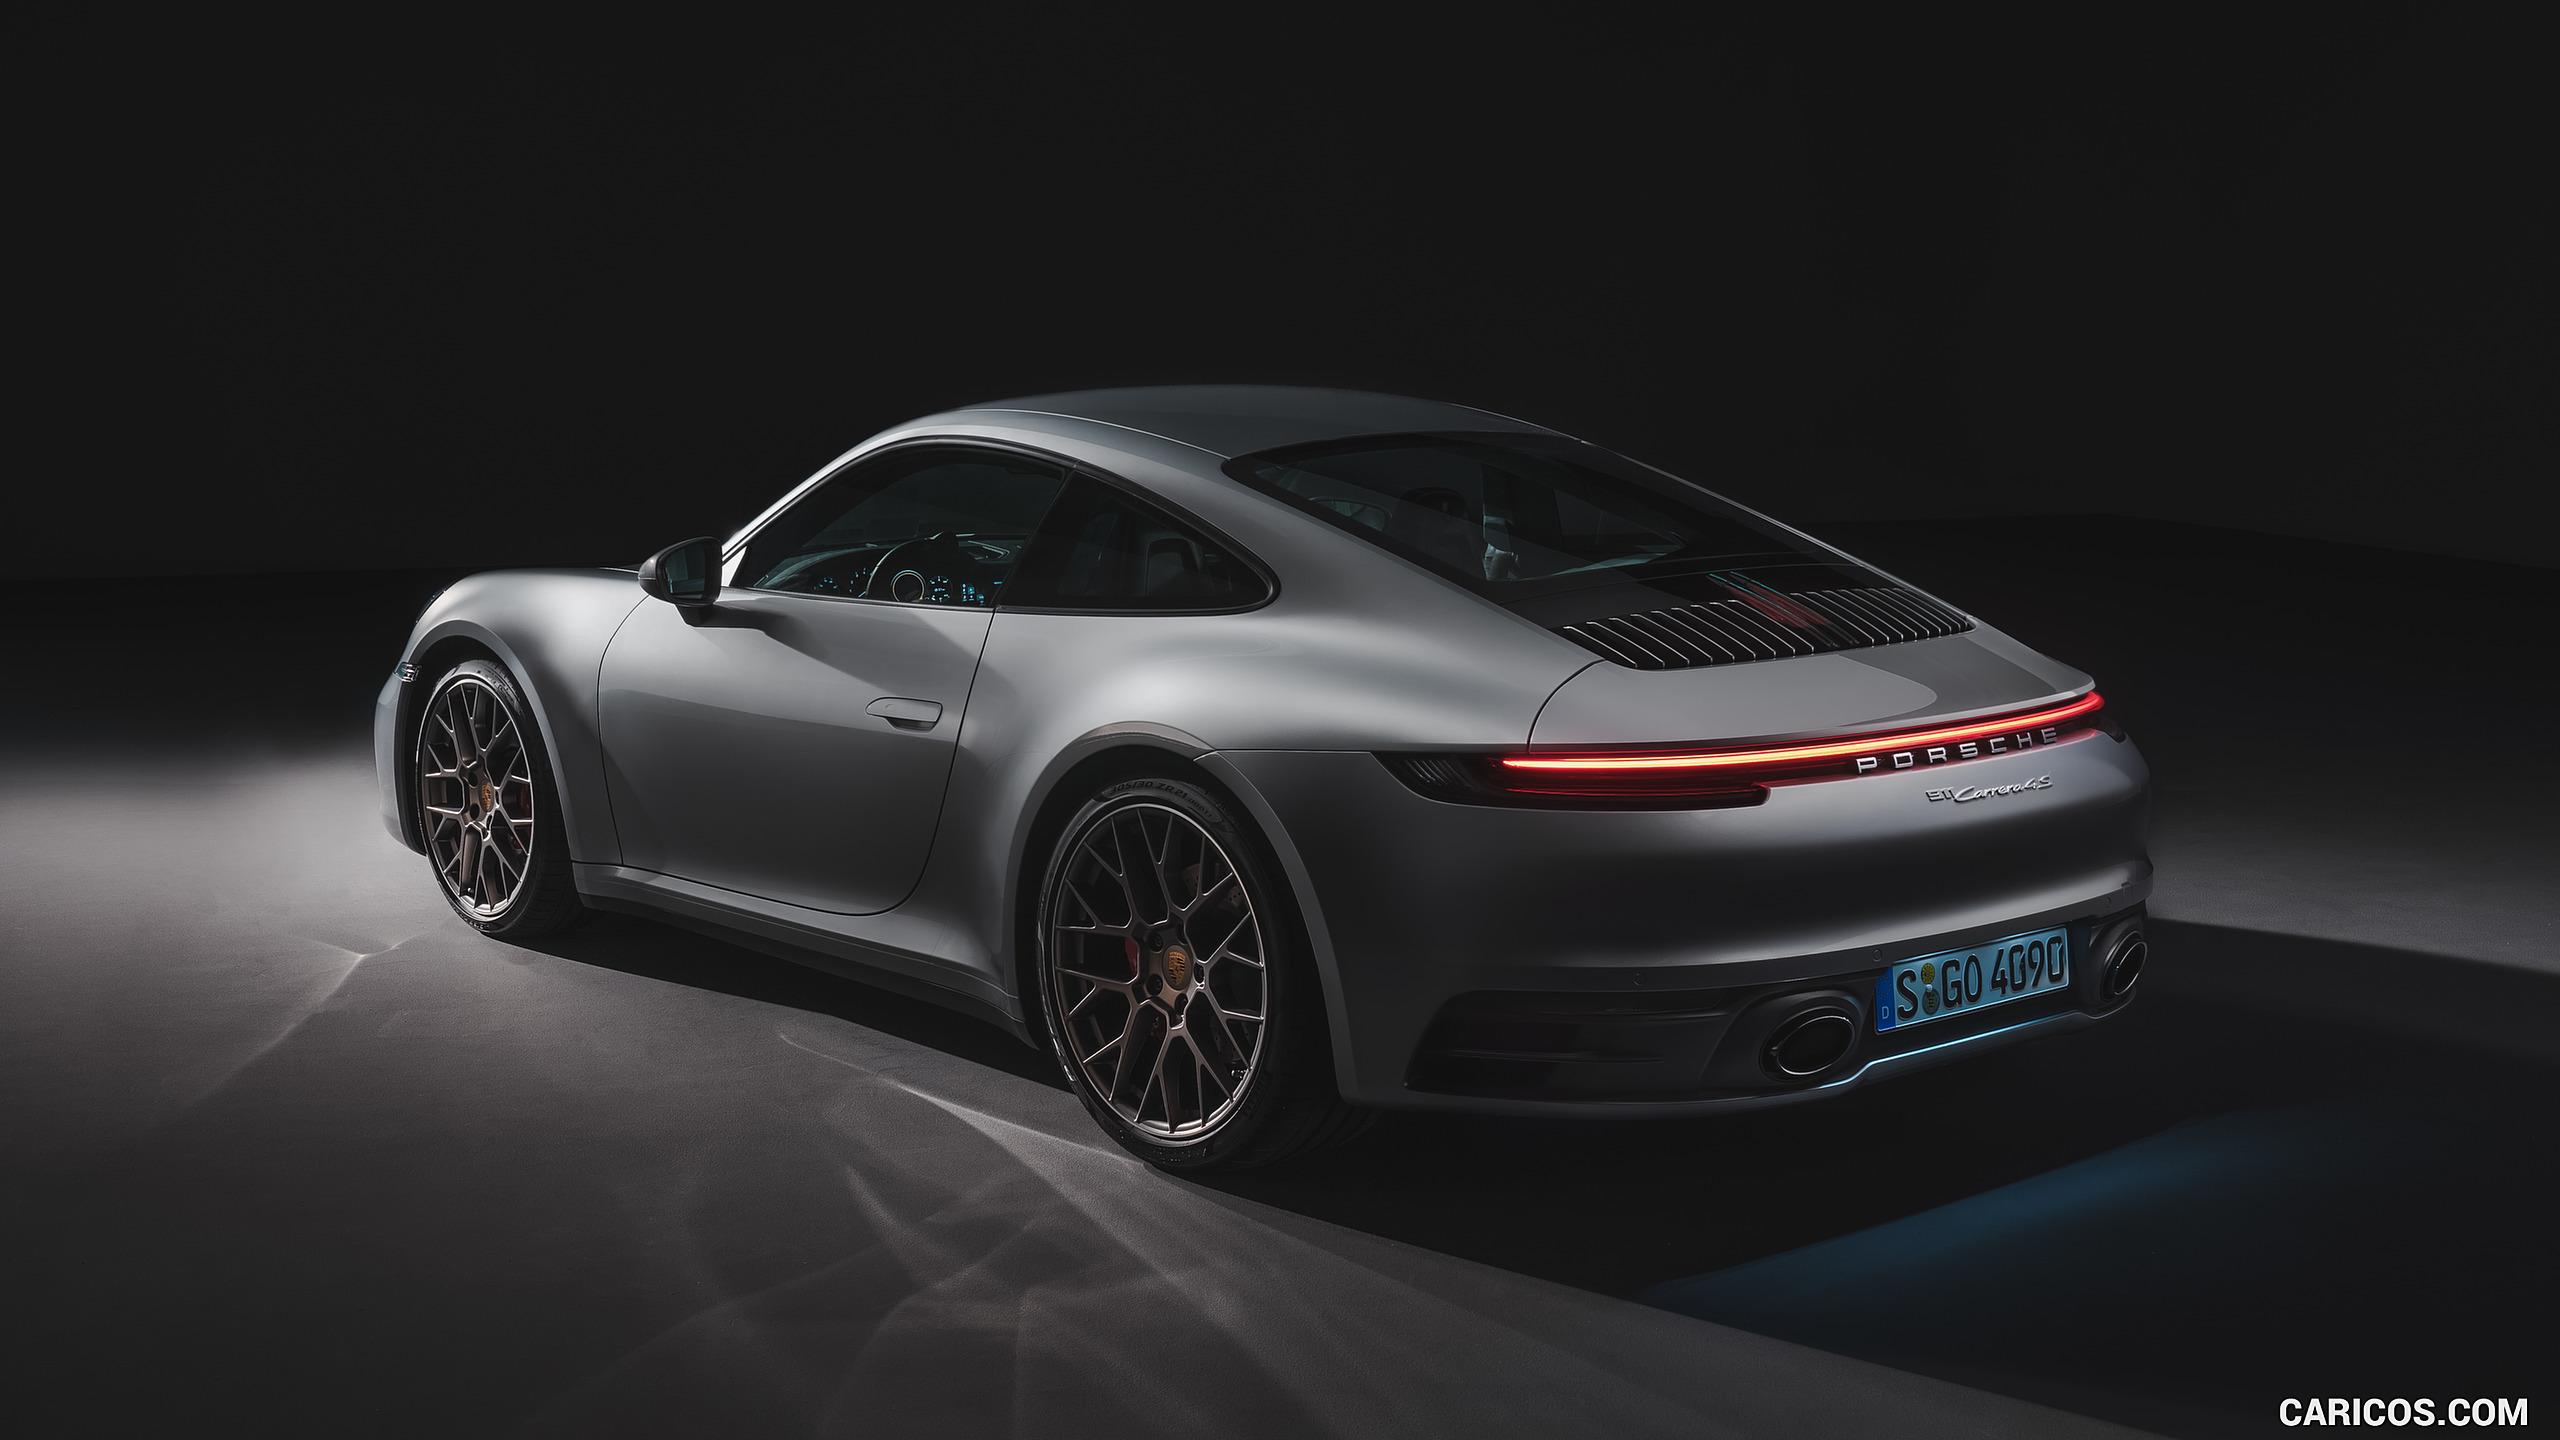 2020 Porsche 911 Carrera 4S   Rear Three Quarter HD Wallpaper 32 2560x1440